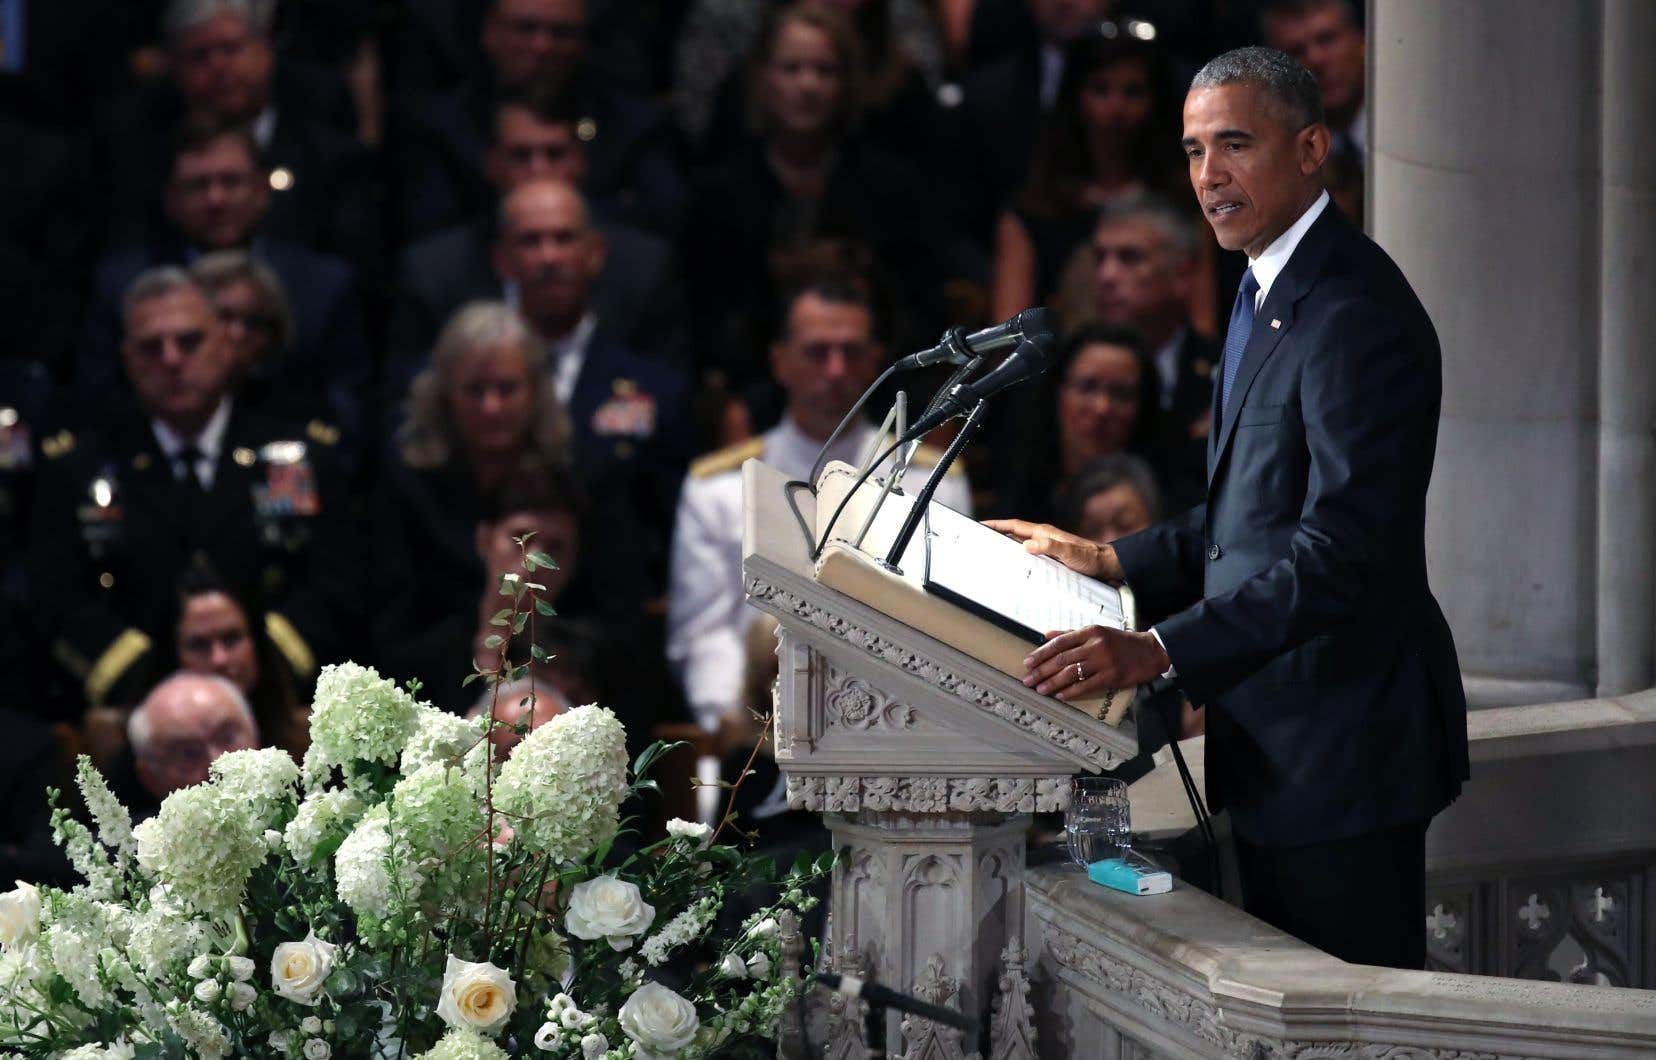 L'ex-président Barack Obama a prononcé des éloges funèbres pour son ancien rival républicain John McCain.